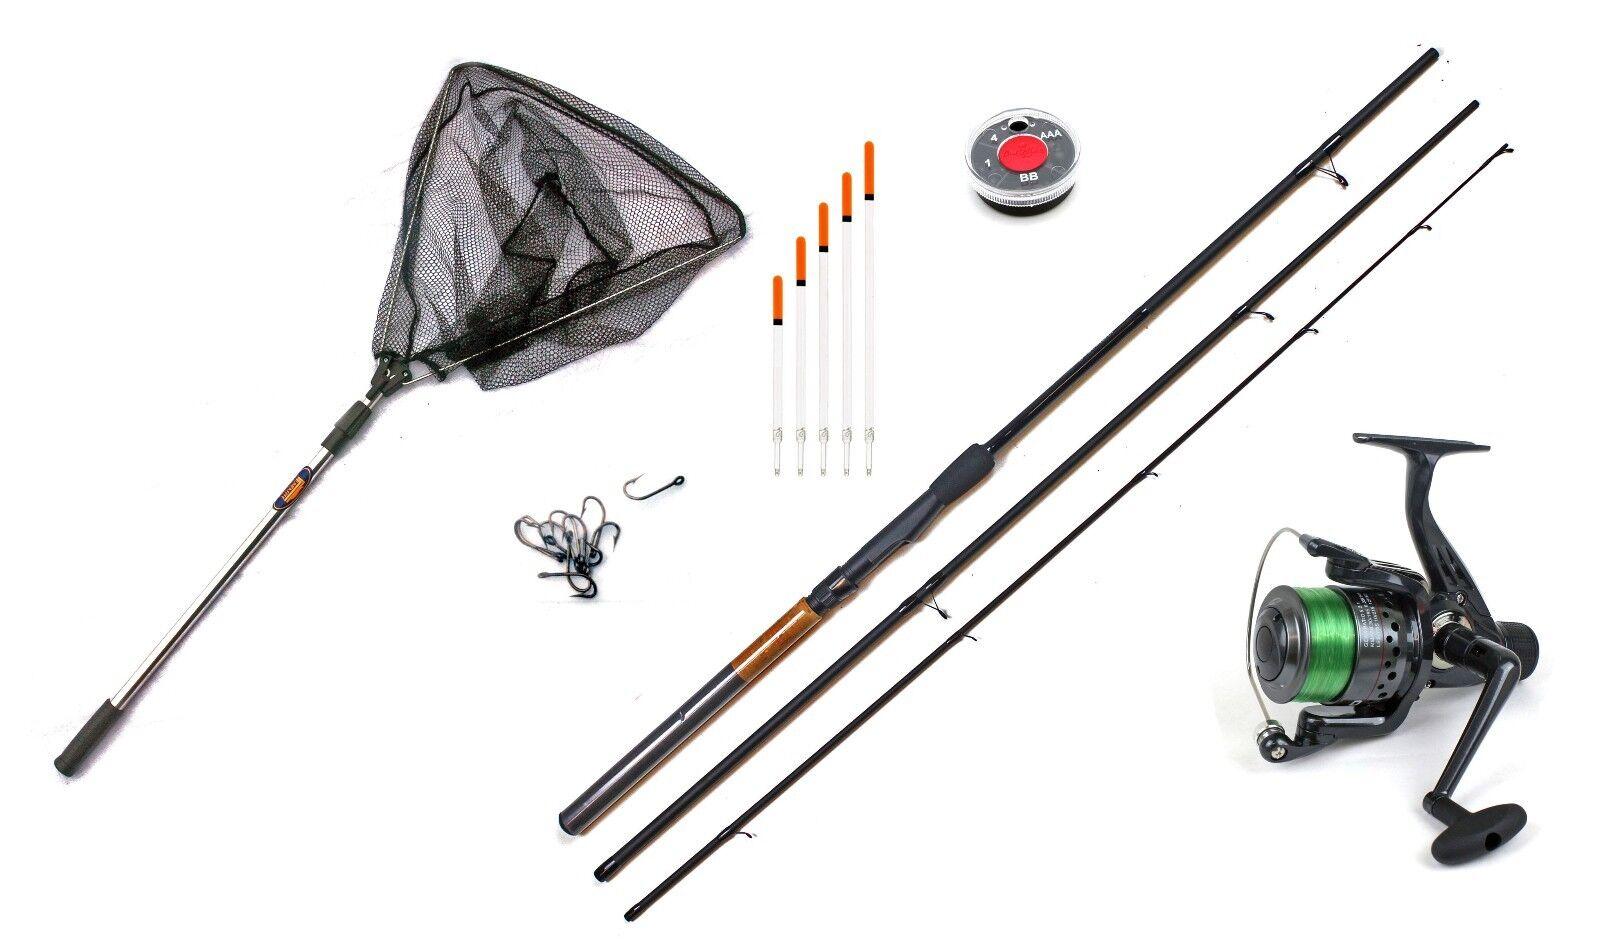 Float fishing starter kit -10ft Match rod,Reel shot,Floats landing net & Hooks